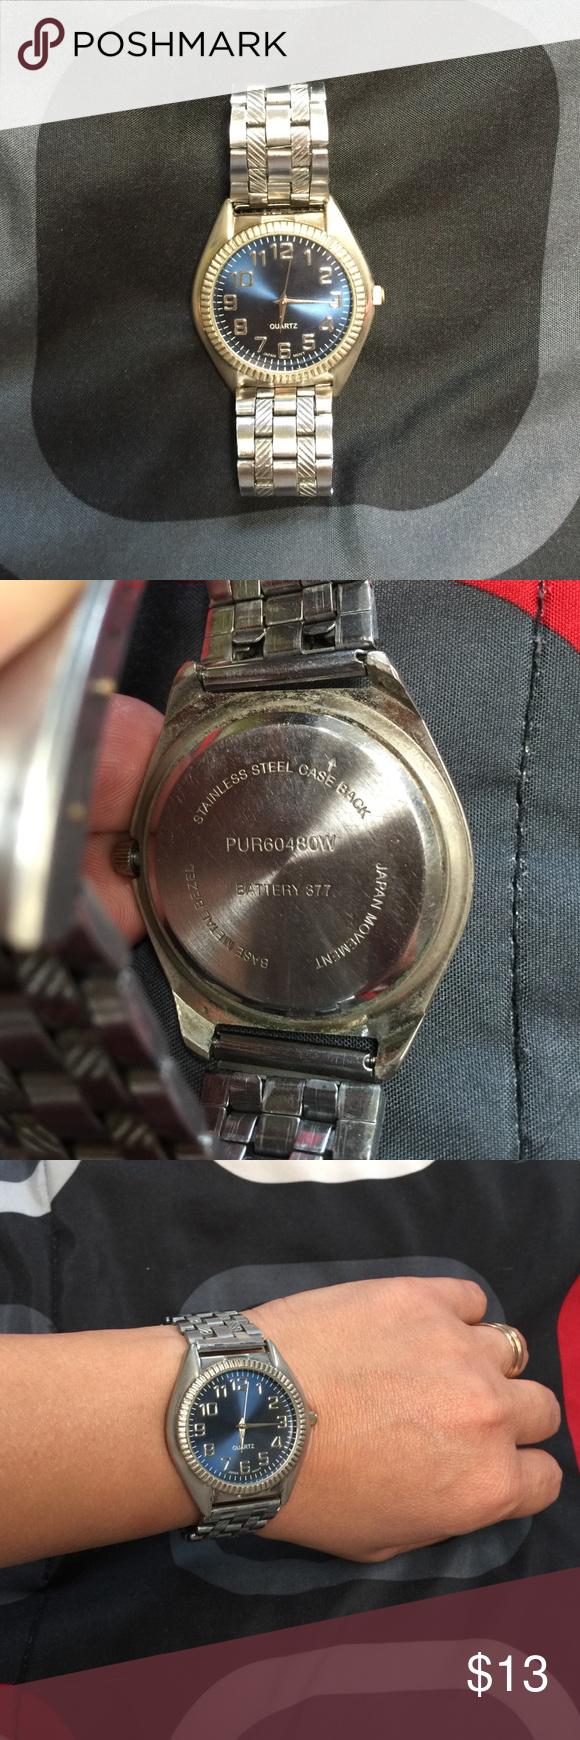 Наручные часы Women's Wristwatch Base Metal Bezel Stainless Steel Back Watch Lorus Y481-1340